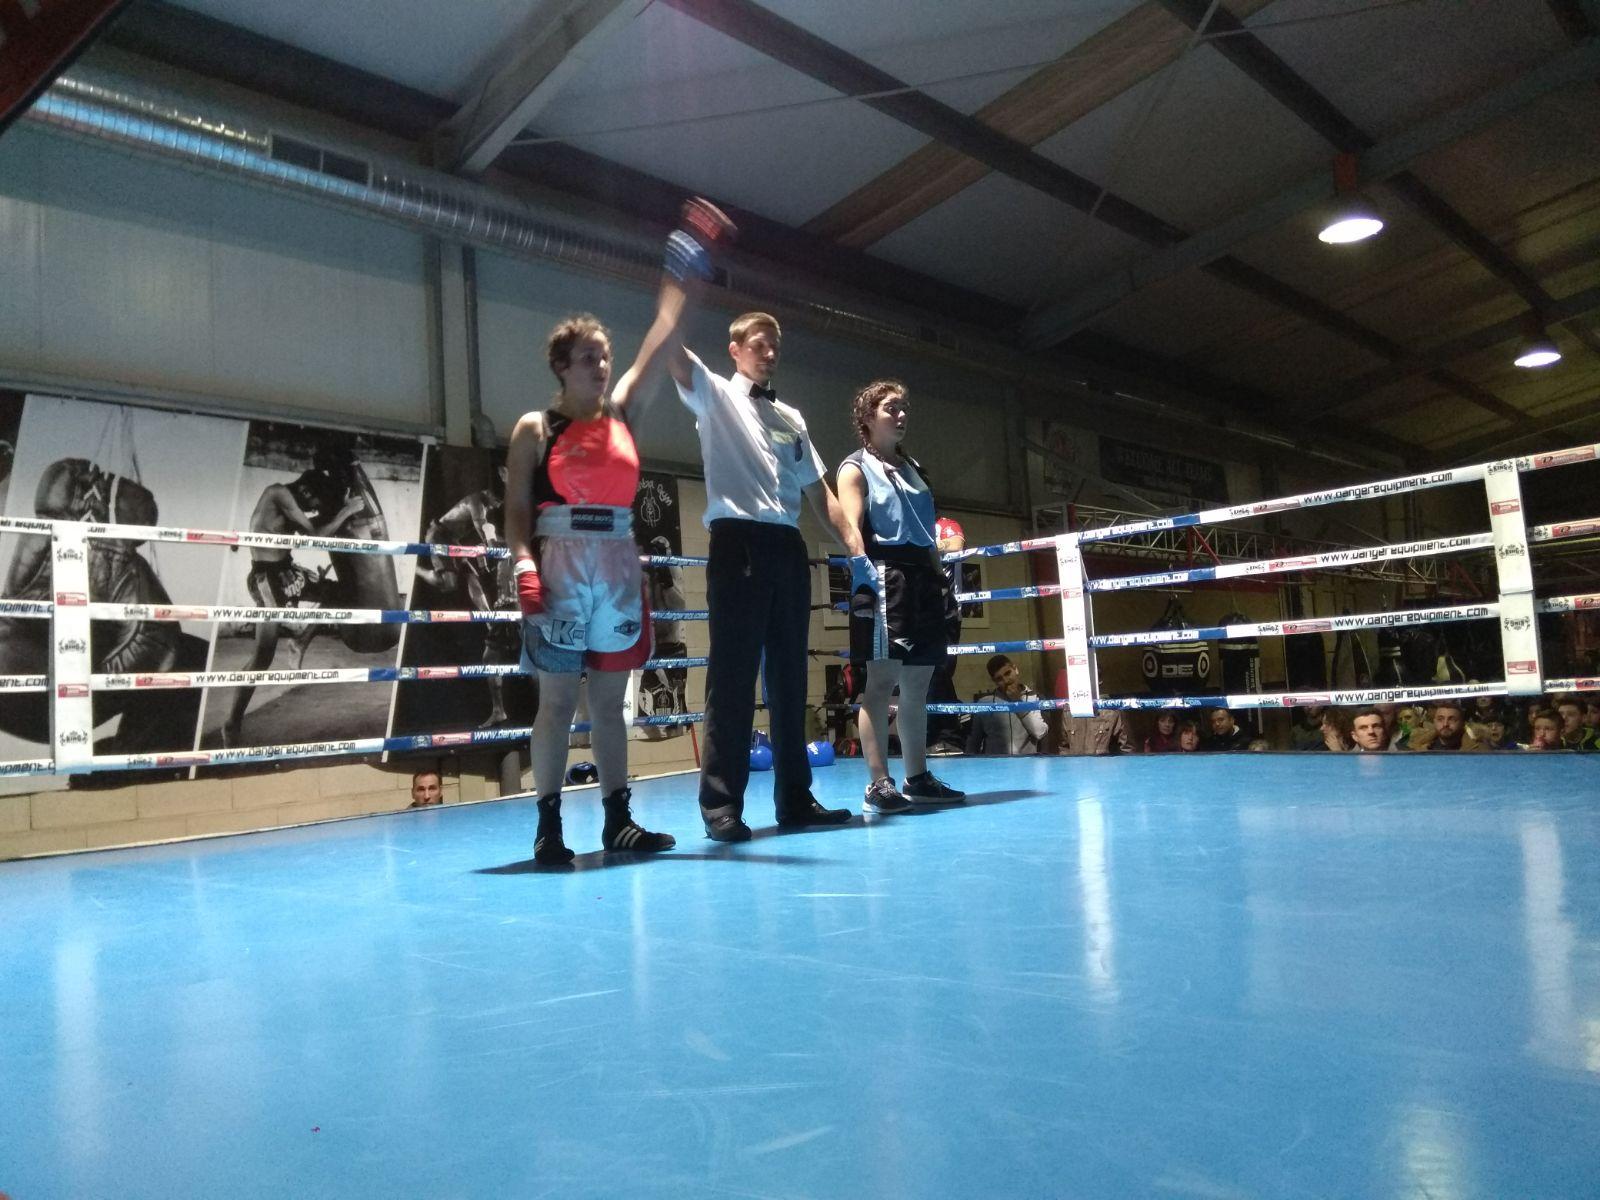 El Club Segoboxing participa en la 1ª eliminatoria de los Campeonatos Autonómicos de Castilla y León de Boxeo Olímpico